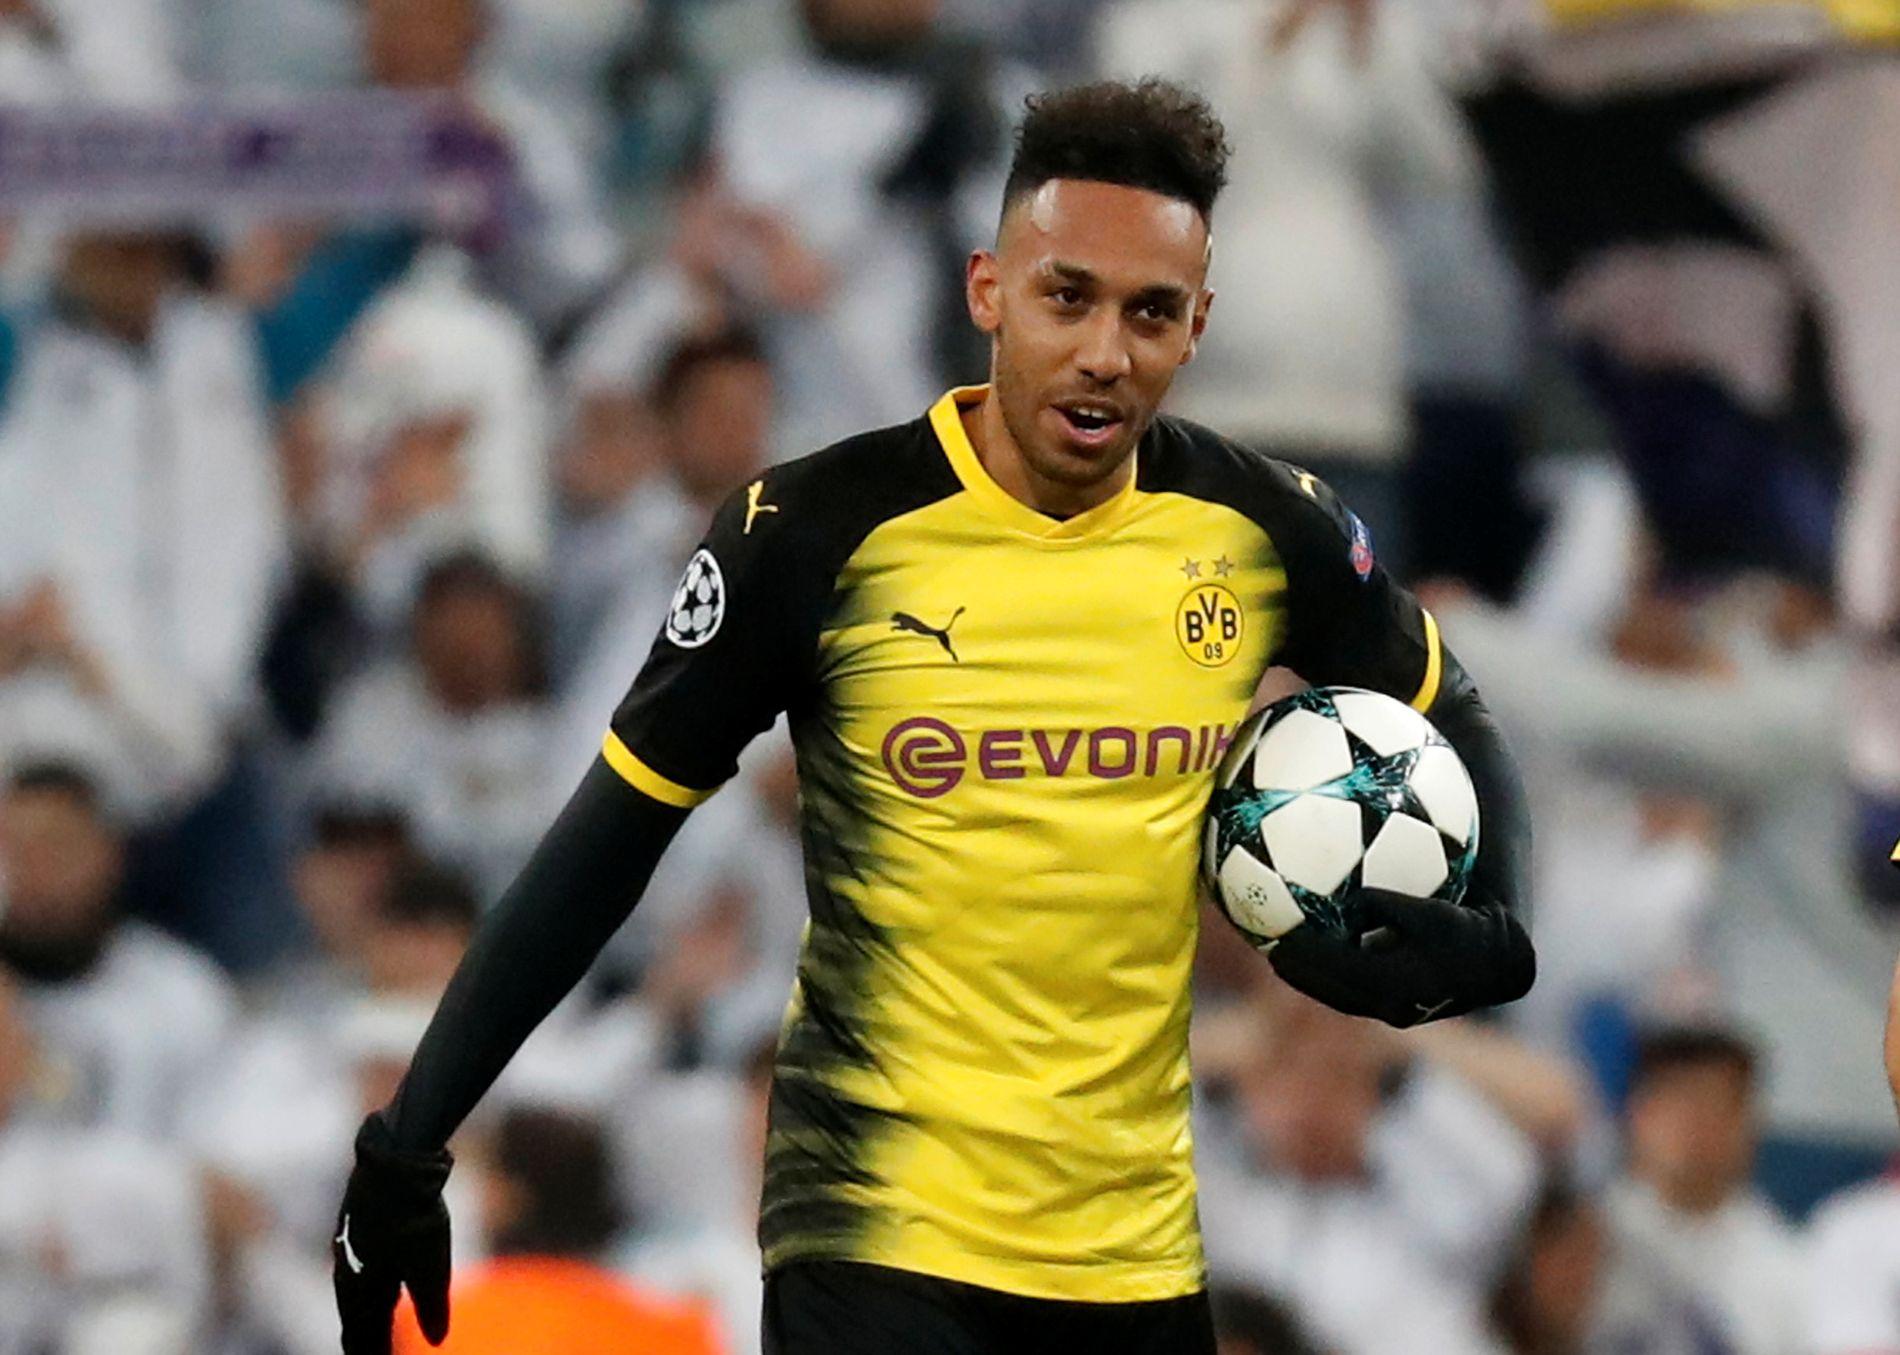 PÅ VEI TIL LONDON: Pierre-Emerick Aubameyang skal bytte ut Dortmund-gult med Arsenal-rødt.